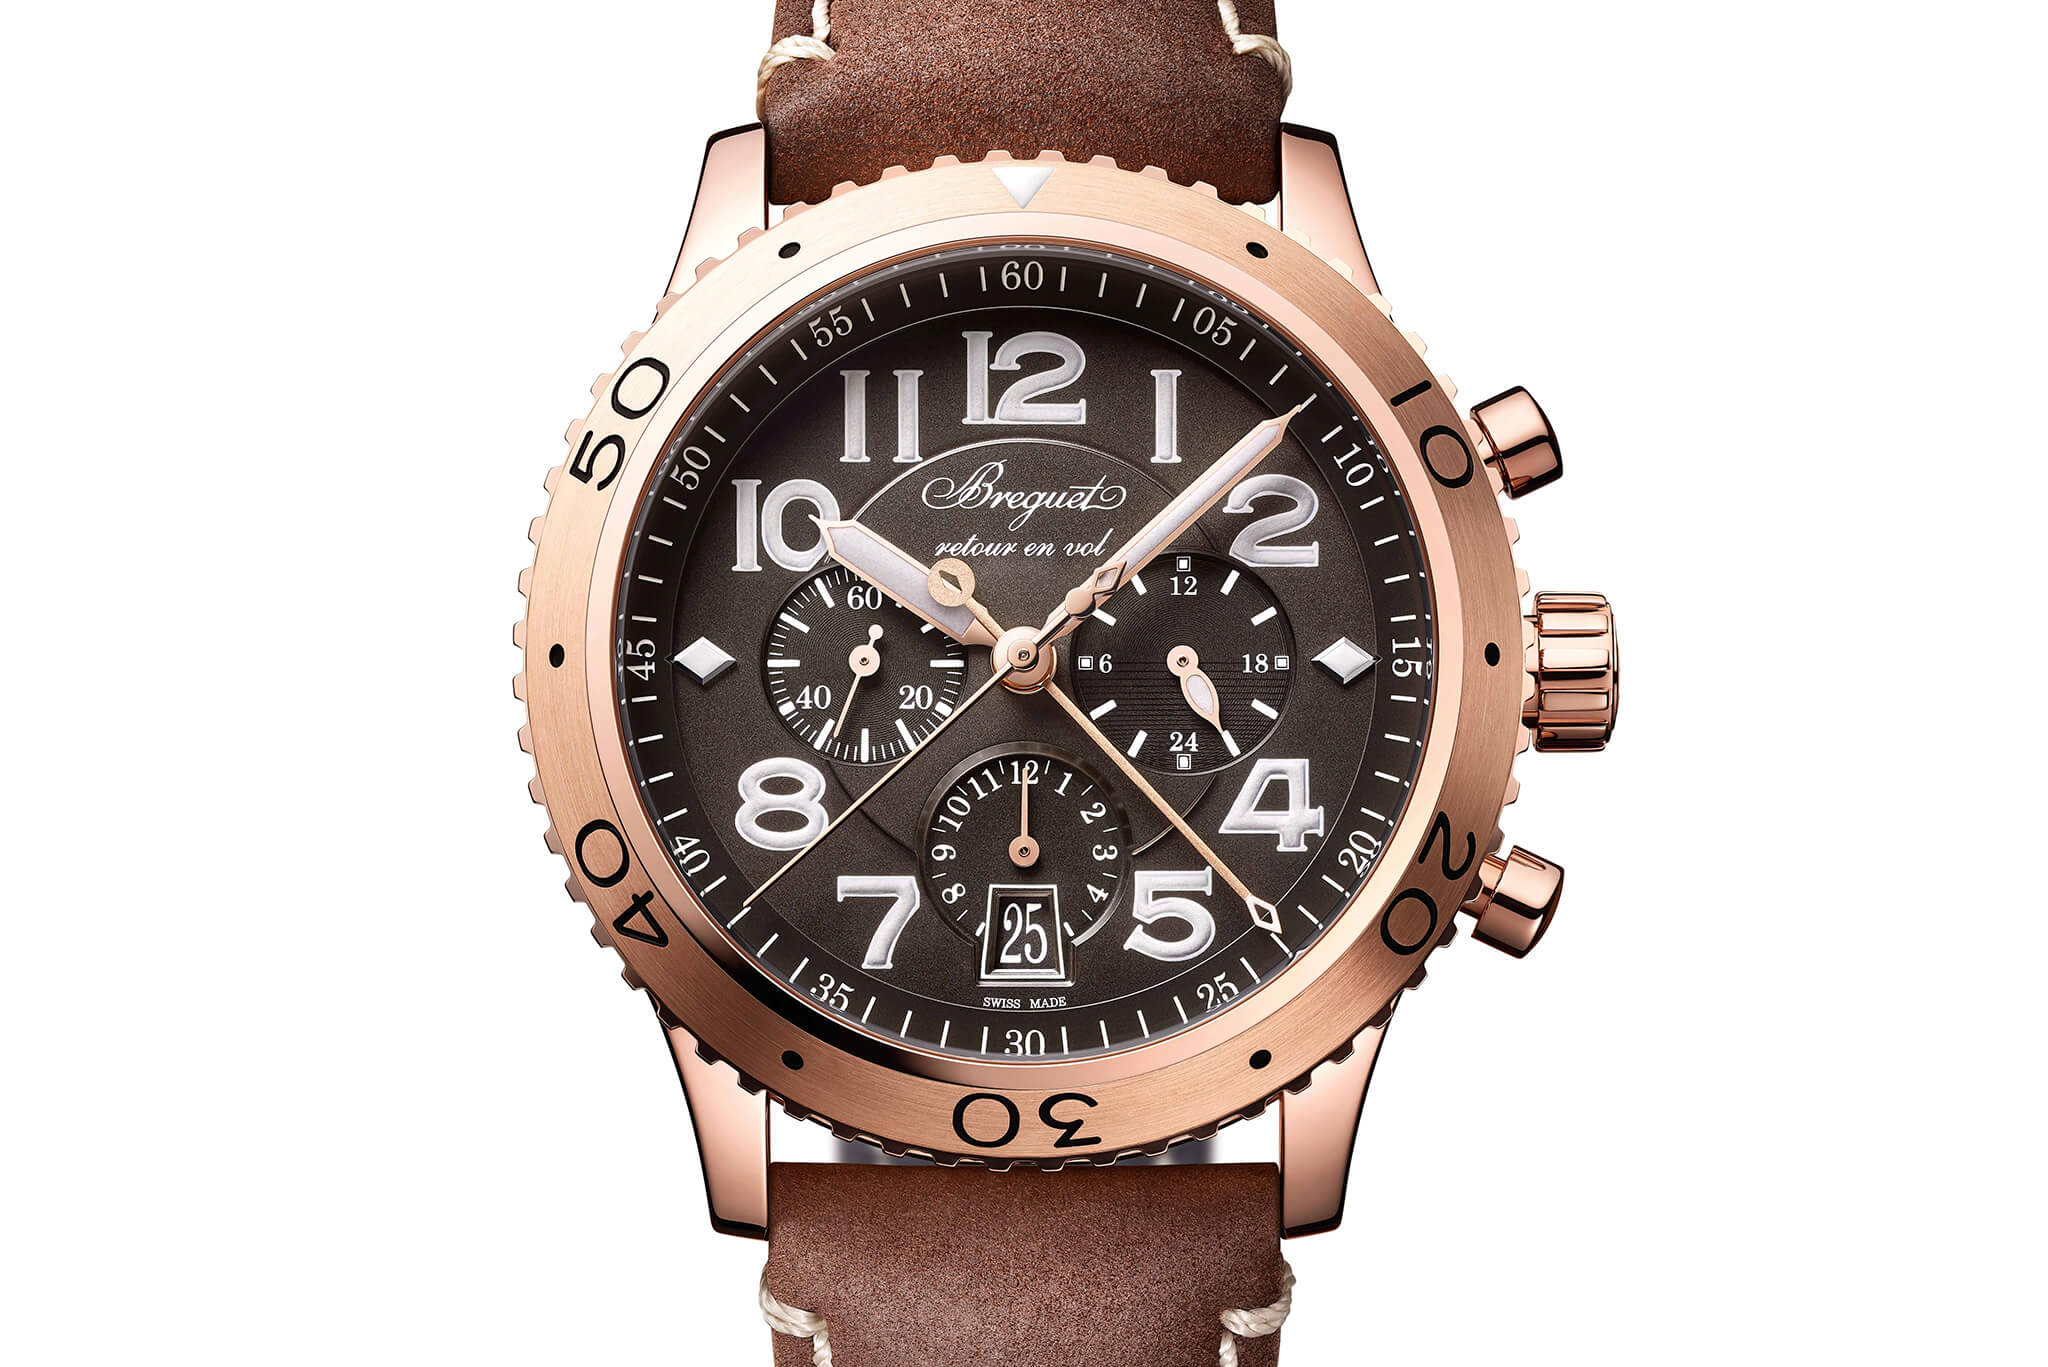 Breguet Type XXI 3817 Edición Limitada blog debajo del reloj